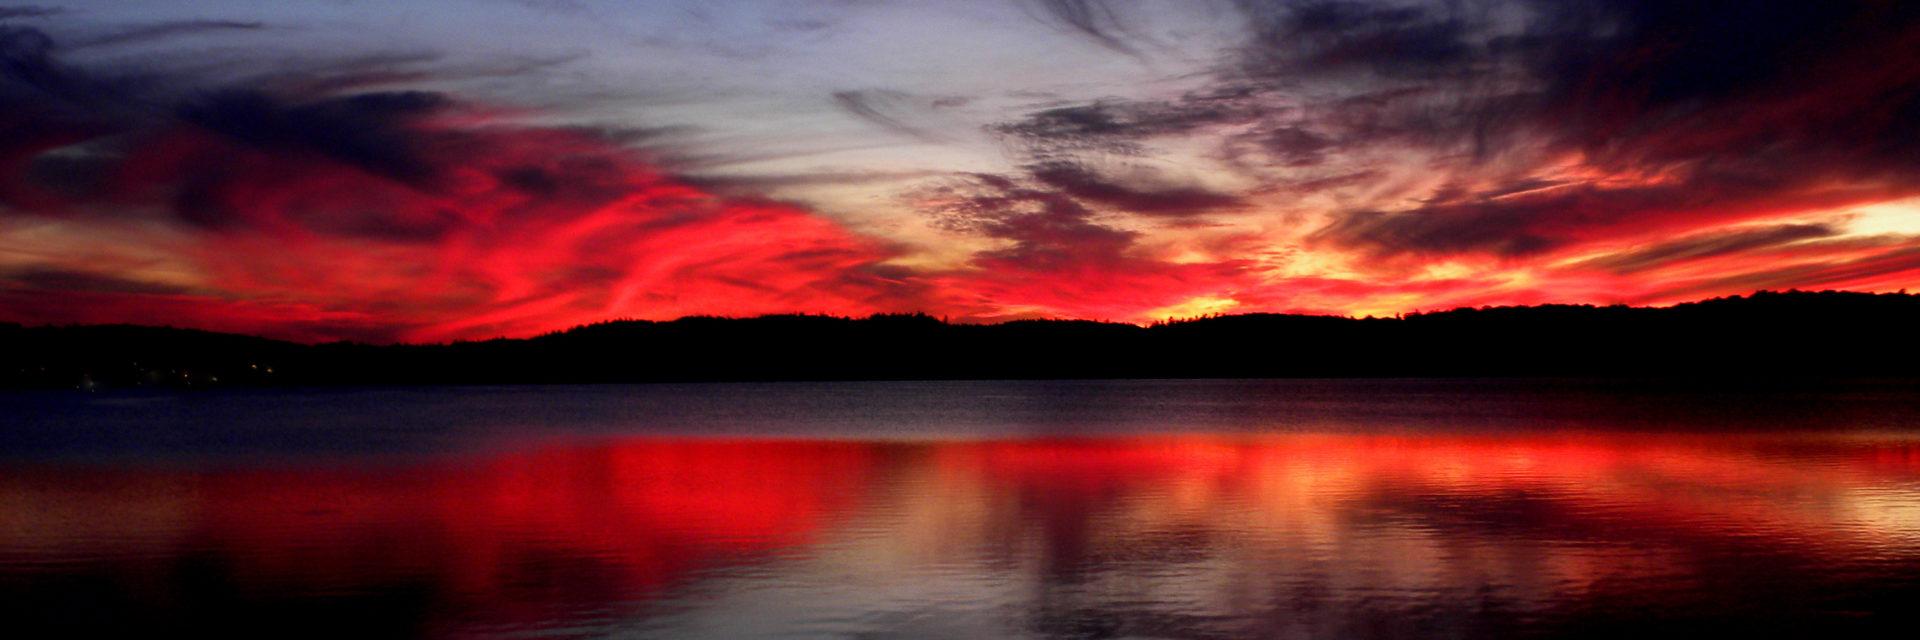 Sunset, Lake Superior